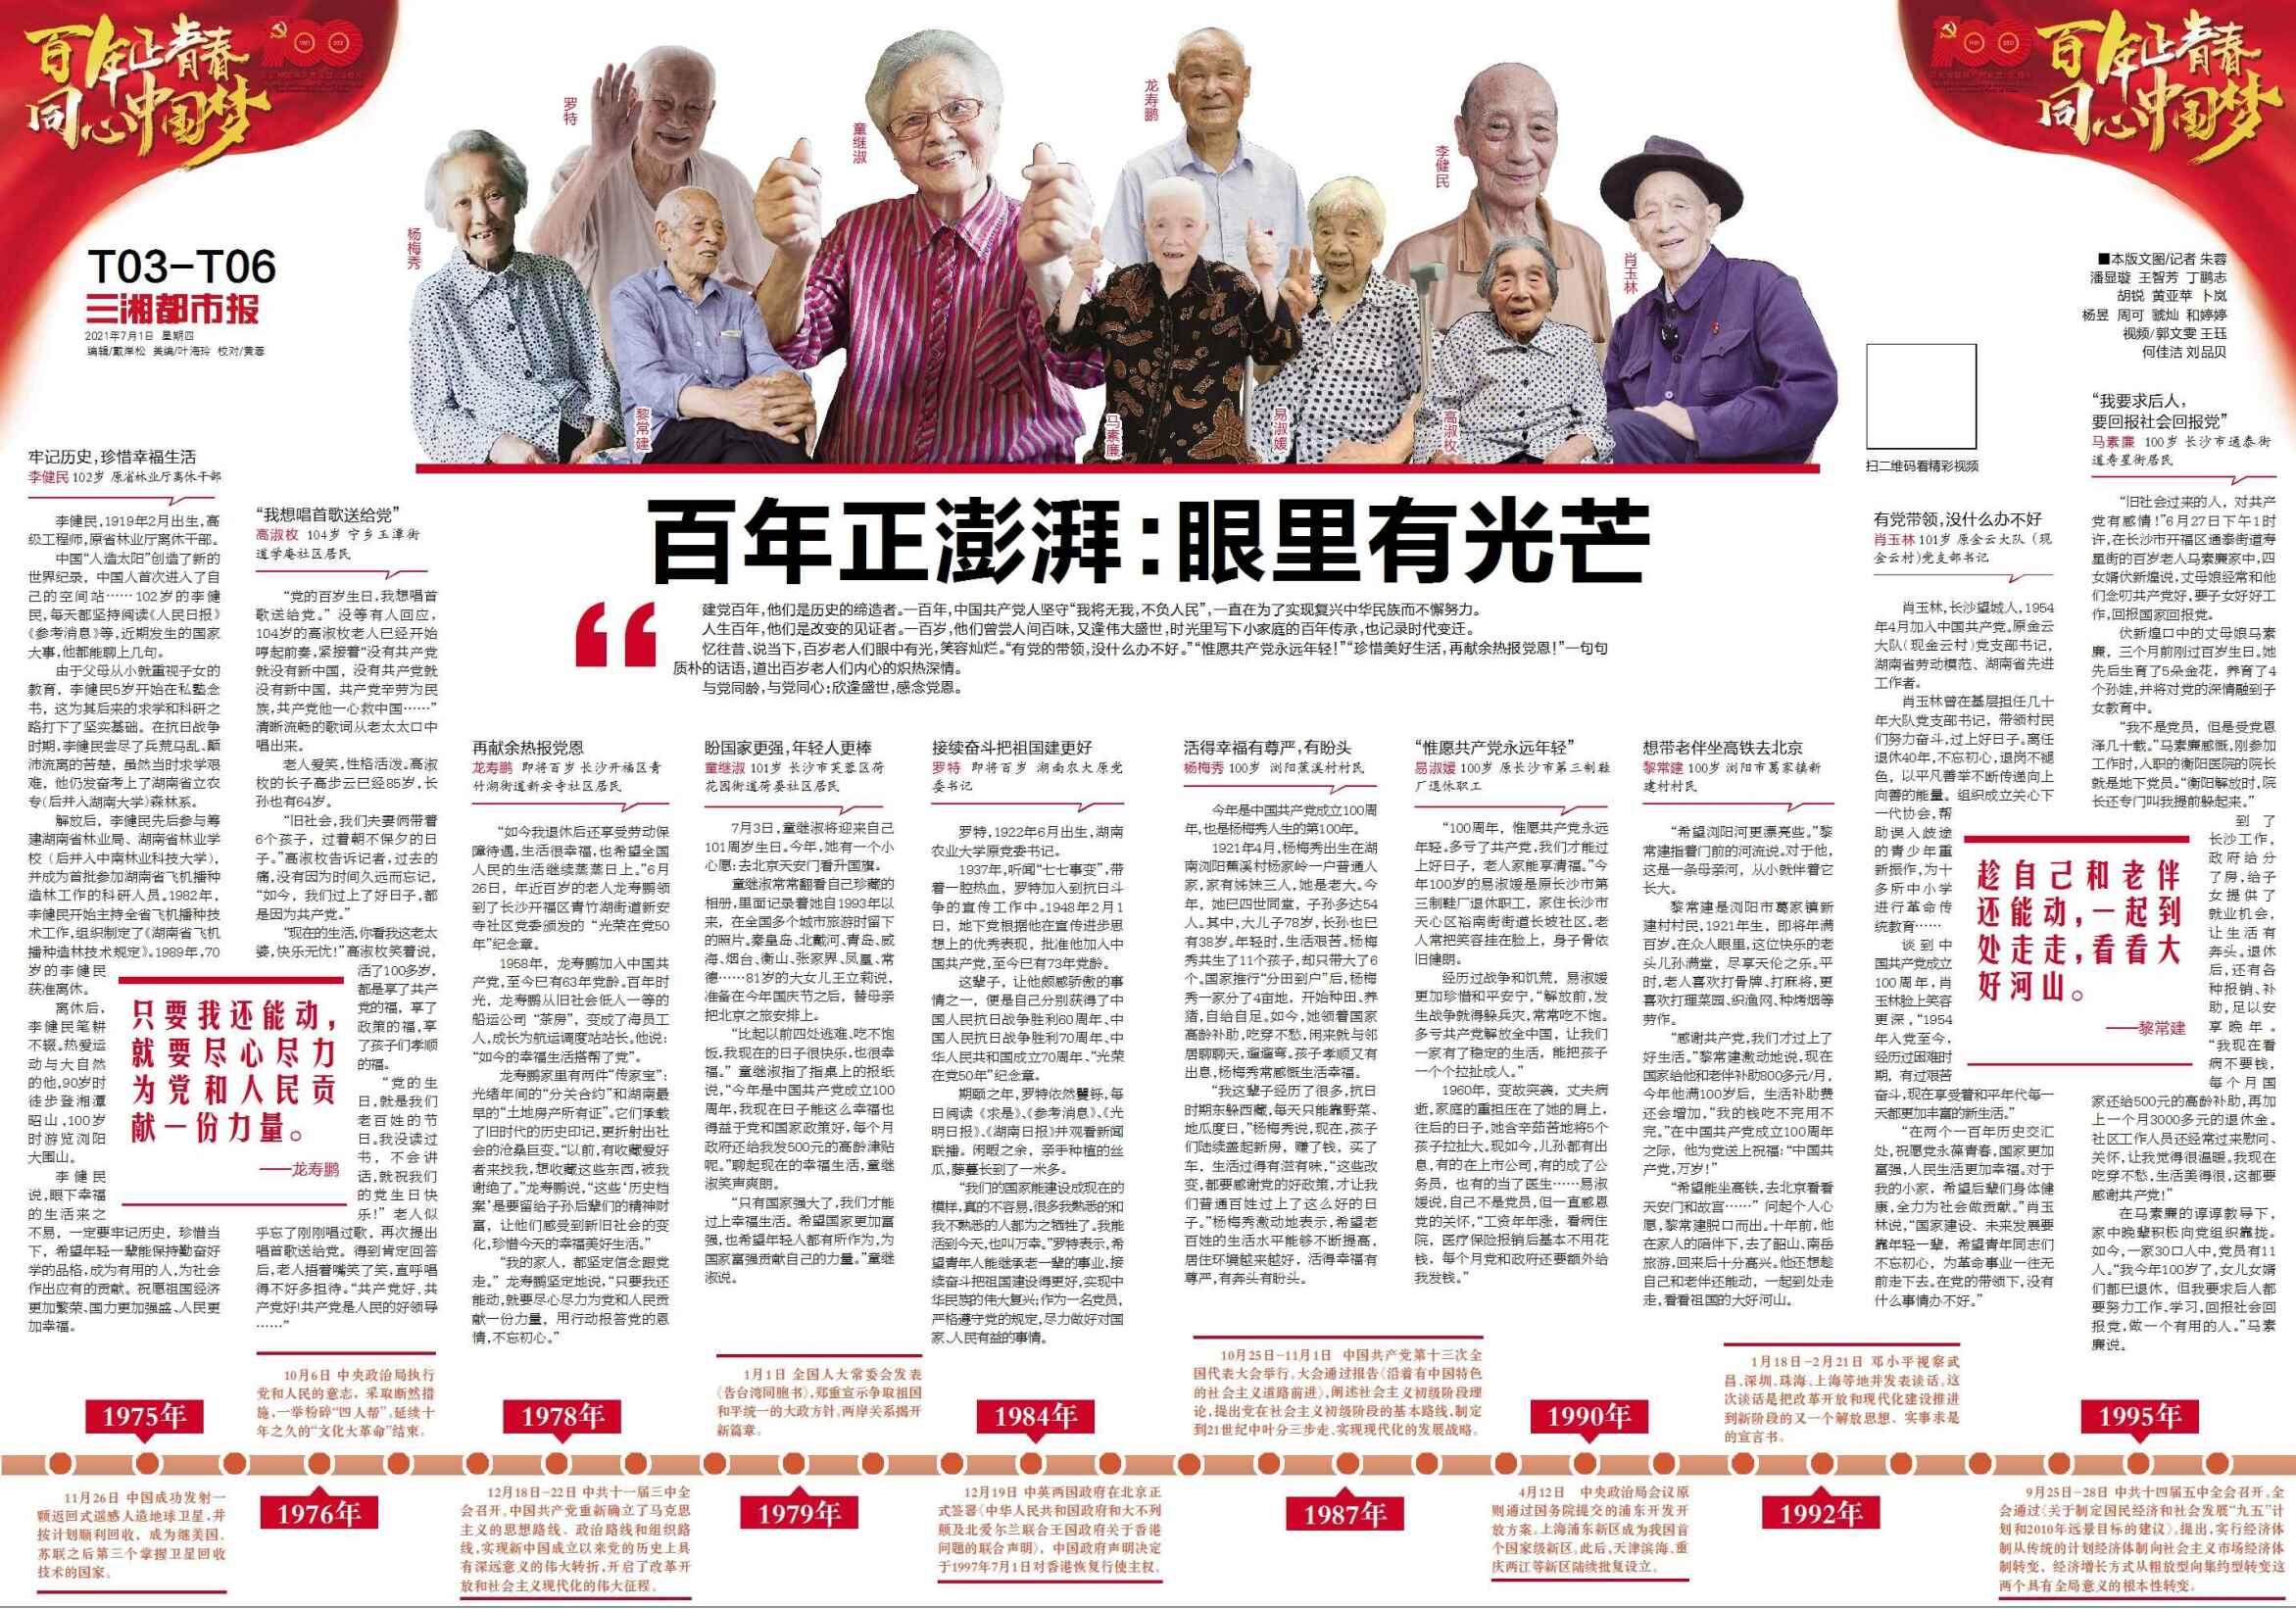 百年正青春 同心中国梦丨百年正澎湃:眼里有光芒